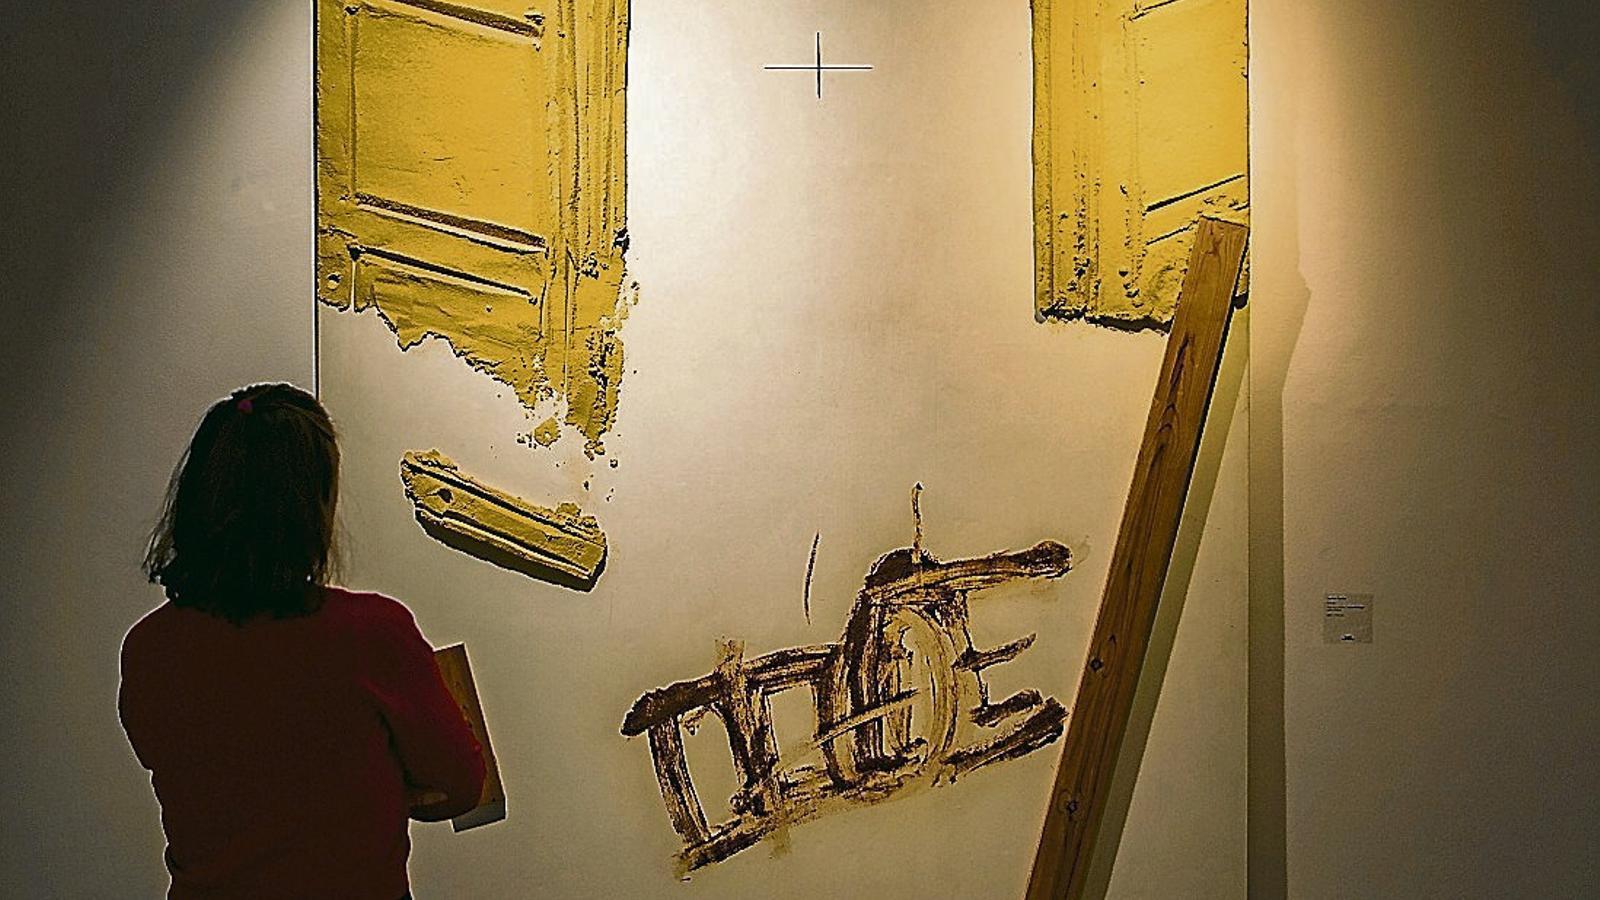 Cadira i fustes, d'Antoni Tàpies, l'obra més tardana de l'exposició.